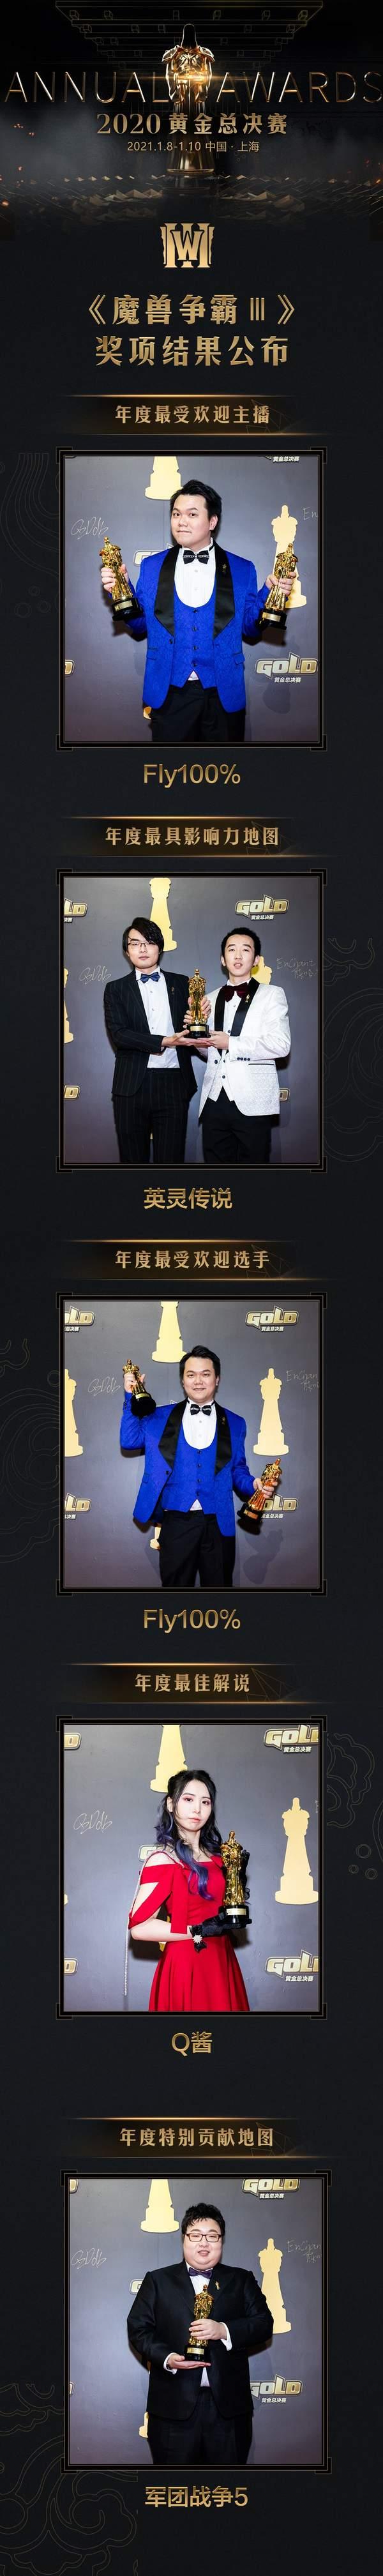 《魔兽争霸3》总决赛落幕 infi再度夺冠,年度奖项揭晓